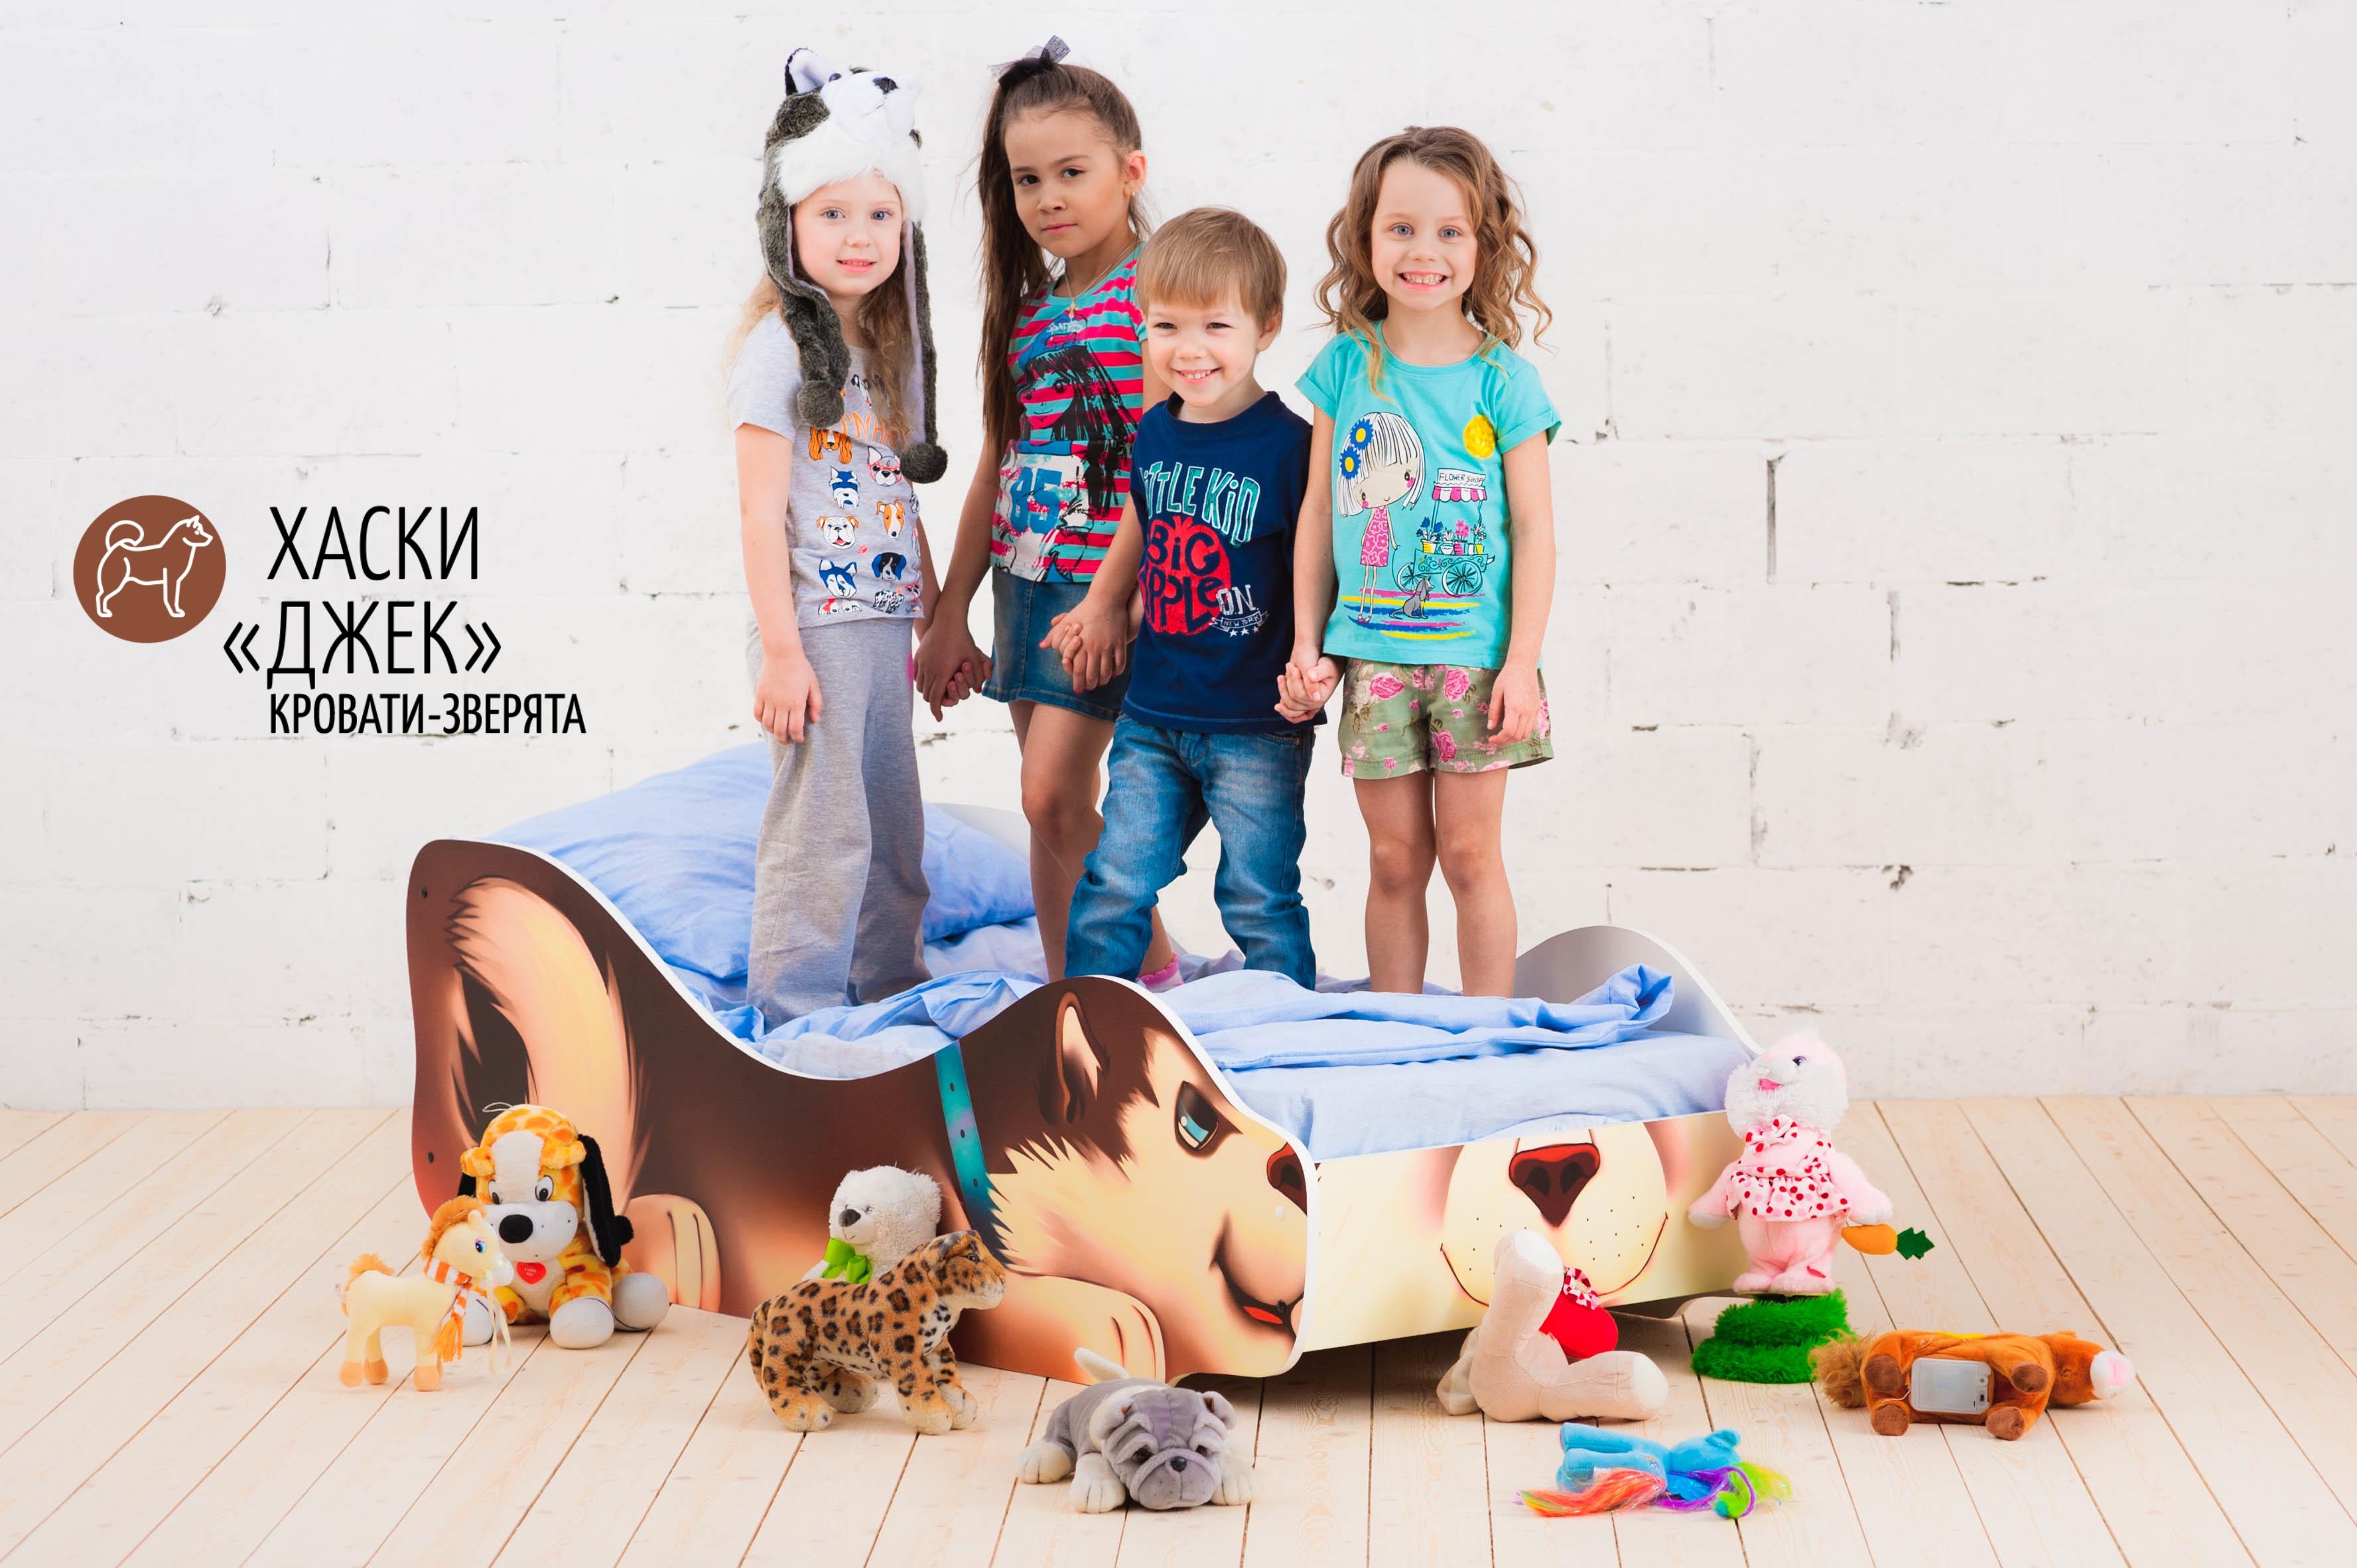 Детская кровать-зверенок -Хаски-Джек-25